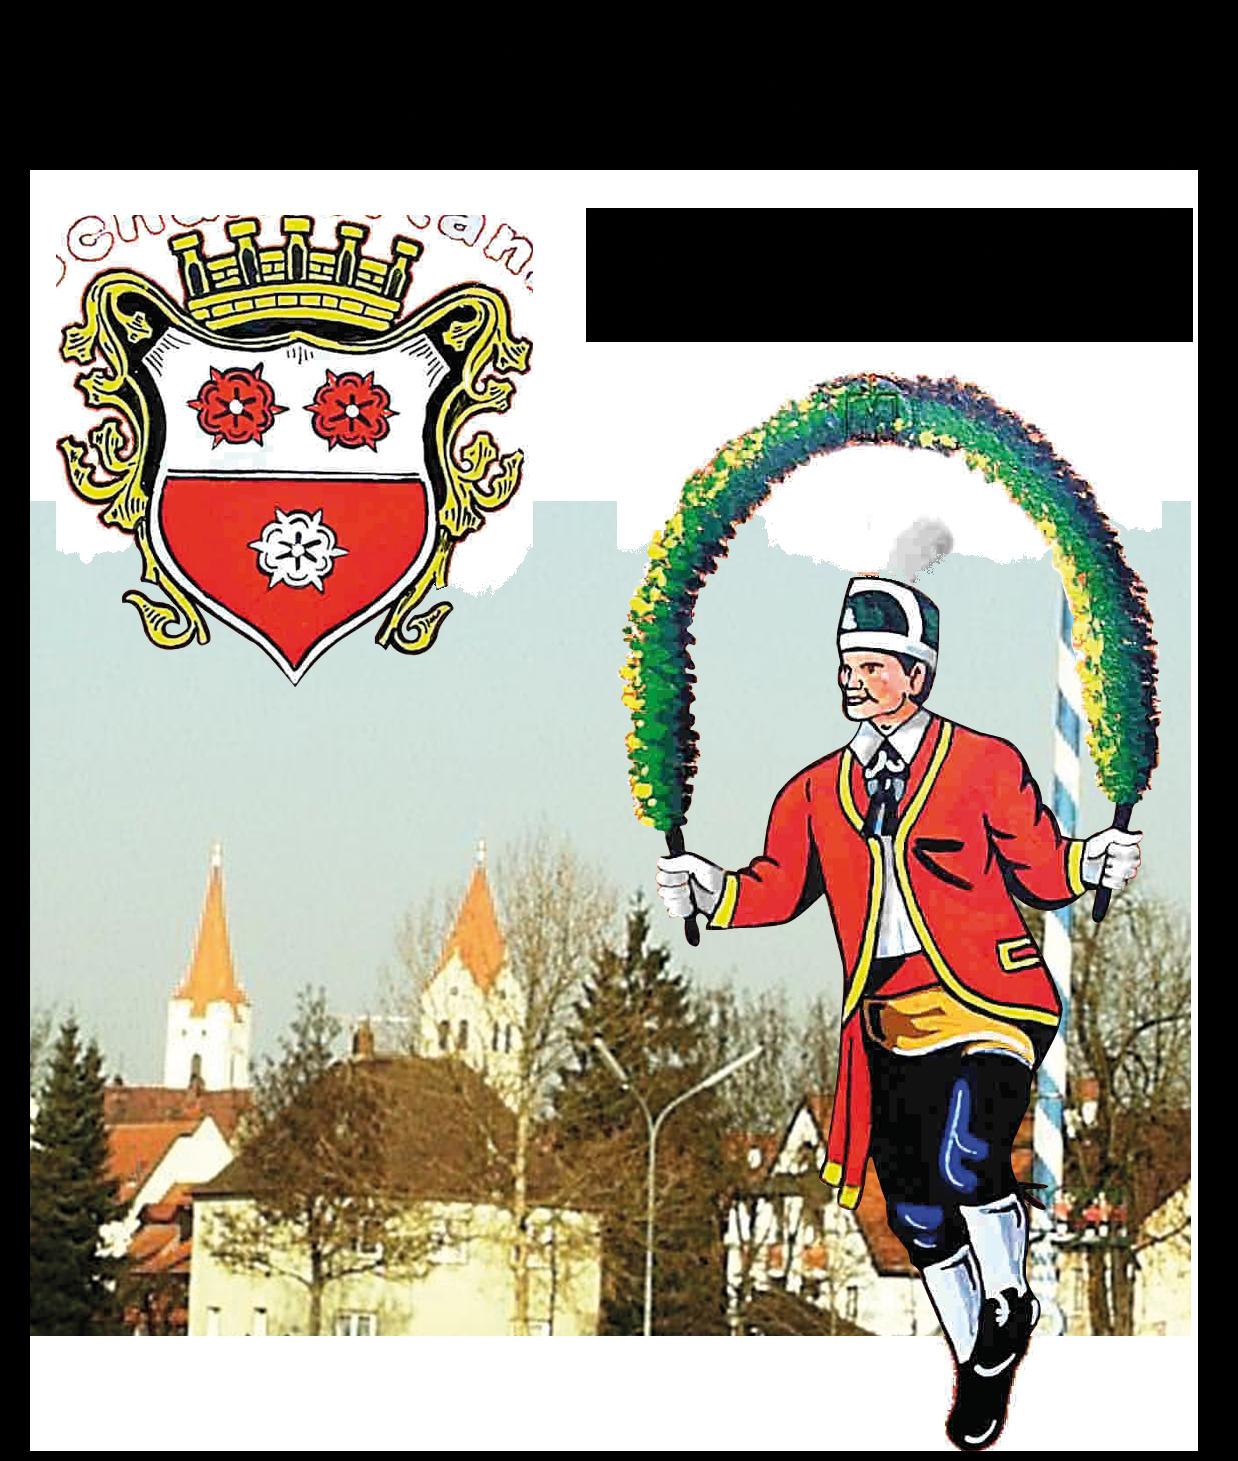 Moosburger Schäffler